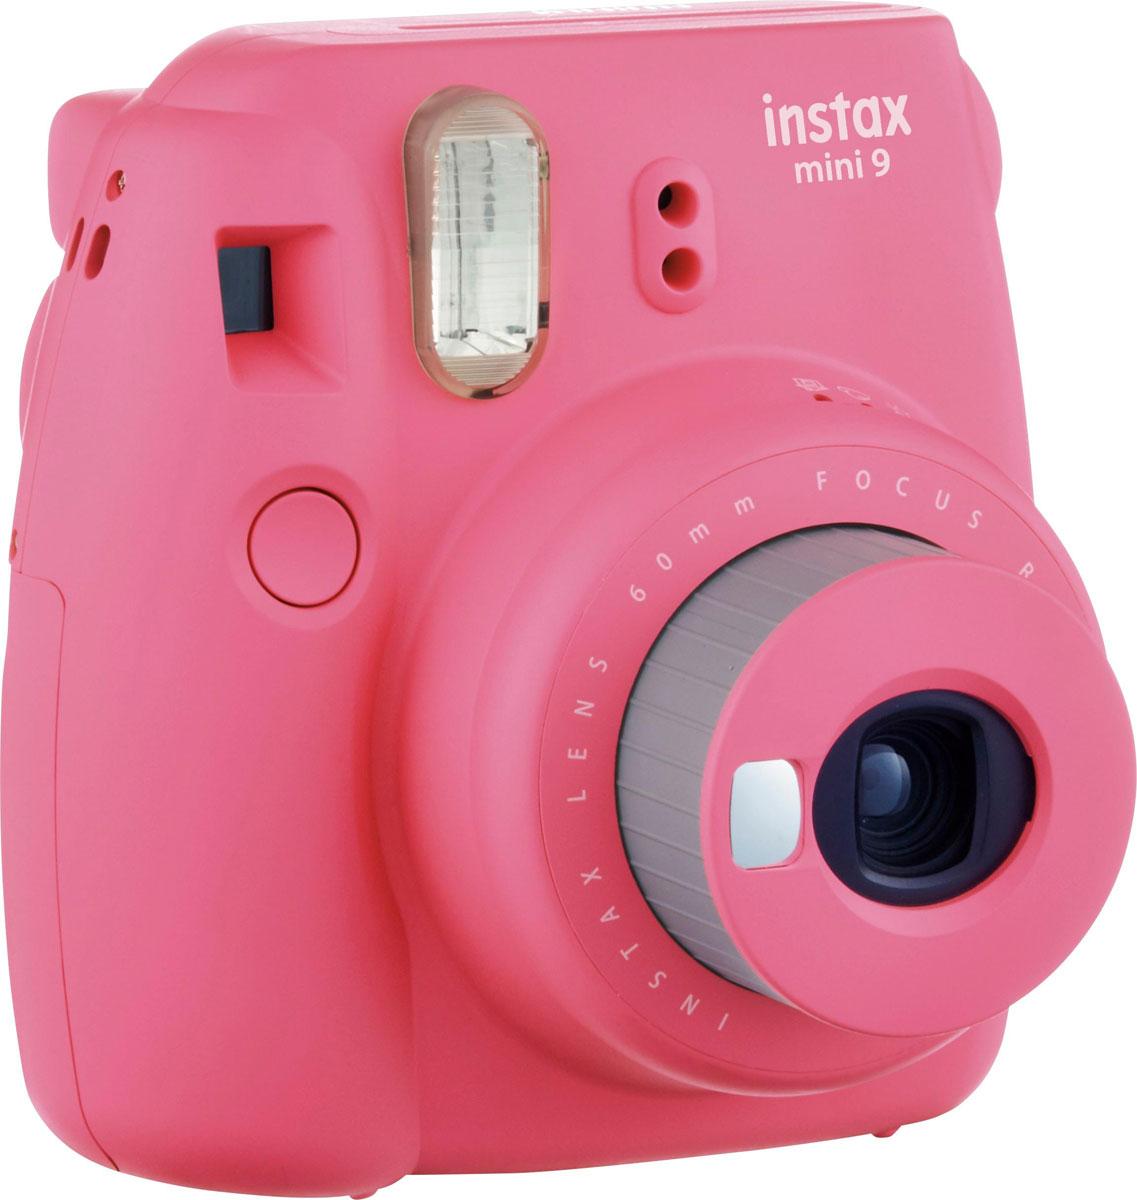 Fujifilm Instax Mini 9, Pink фотокамера мгновенной печати16550538Камера с технологией моментальной печати Fujifilm Instax Mini 9 позволяет печатать фотографии размера визитной карточки сразу после съемки.Обладая теми же конструктивными и эксплуатационными характеристиками, что и INSTAX mini 7S, INSTAX mini 9 примерно на 10% меньше mini 7Sпо объему корпуса. Процесс кадрирования стал проще благодаря видоискателю, который передает четкую картинку в реальном времени (дажепри съемке под углом) и отличается более наглядной центральной меткой. К функциям съемки добавлен режим High-key - повышениедиафрагмы на 2/3 ступени. Чтобы сделать фотографию с яркими и мягкими цветами, которые так полюбились девушкам, достаточно прокрутитьдиск в режим High-key. Камеру Instax можно использовать в самых различных ситуациях: на свадьбах и на вечеринках, для обычной съемки и для автопортретов. ПричинапопулярностиINSTAX среди девочек-подростков и женщин до 20 лет, для которых пленочные фотографии уже в диковинку, - это яркие и мягкие цветаполученных снимков. Используемая фотопленка: Fujifilm Instax MiniРазмер фотопленки: 86 мм х 54 ммРазмер снимка: 62 мм х 46 ммДиапазон фокусировки: от 0,6 м до бесконечностиУправление экспозицией: система ручного переключения (светодиодный индикатор в экспонометре)Окно подтверждения загрузки фотобумагиВывод фотоснимка: автоматическийАвтоматическое выключение питания через 5 минутСчетчик экспозиций (количество неэскпонированных листов фотобумаги)Ресурс батарей: около 100 снимков (10 кассет с пленкой)